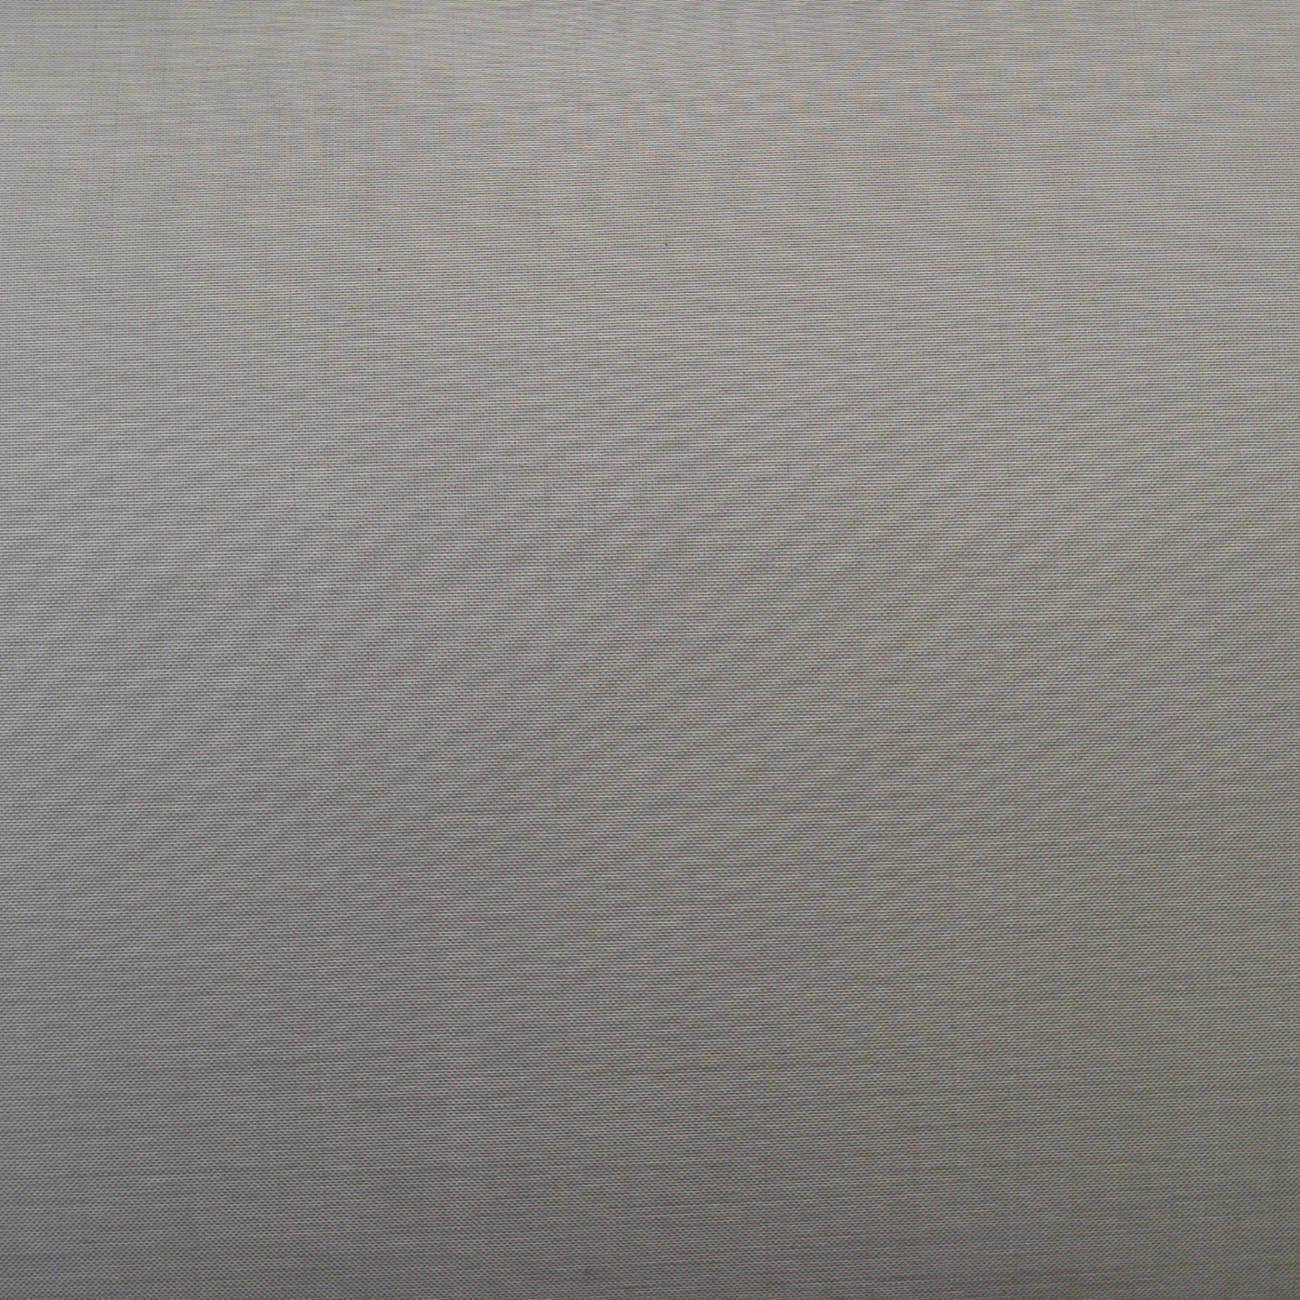 M15046 Fine Woven Wire Mesh Per Metre: 0.11 Openings